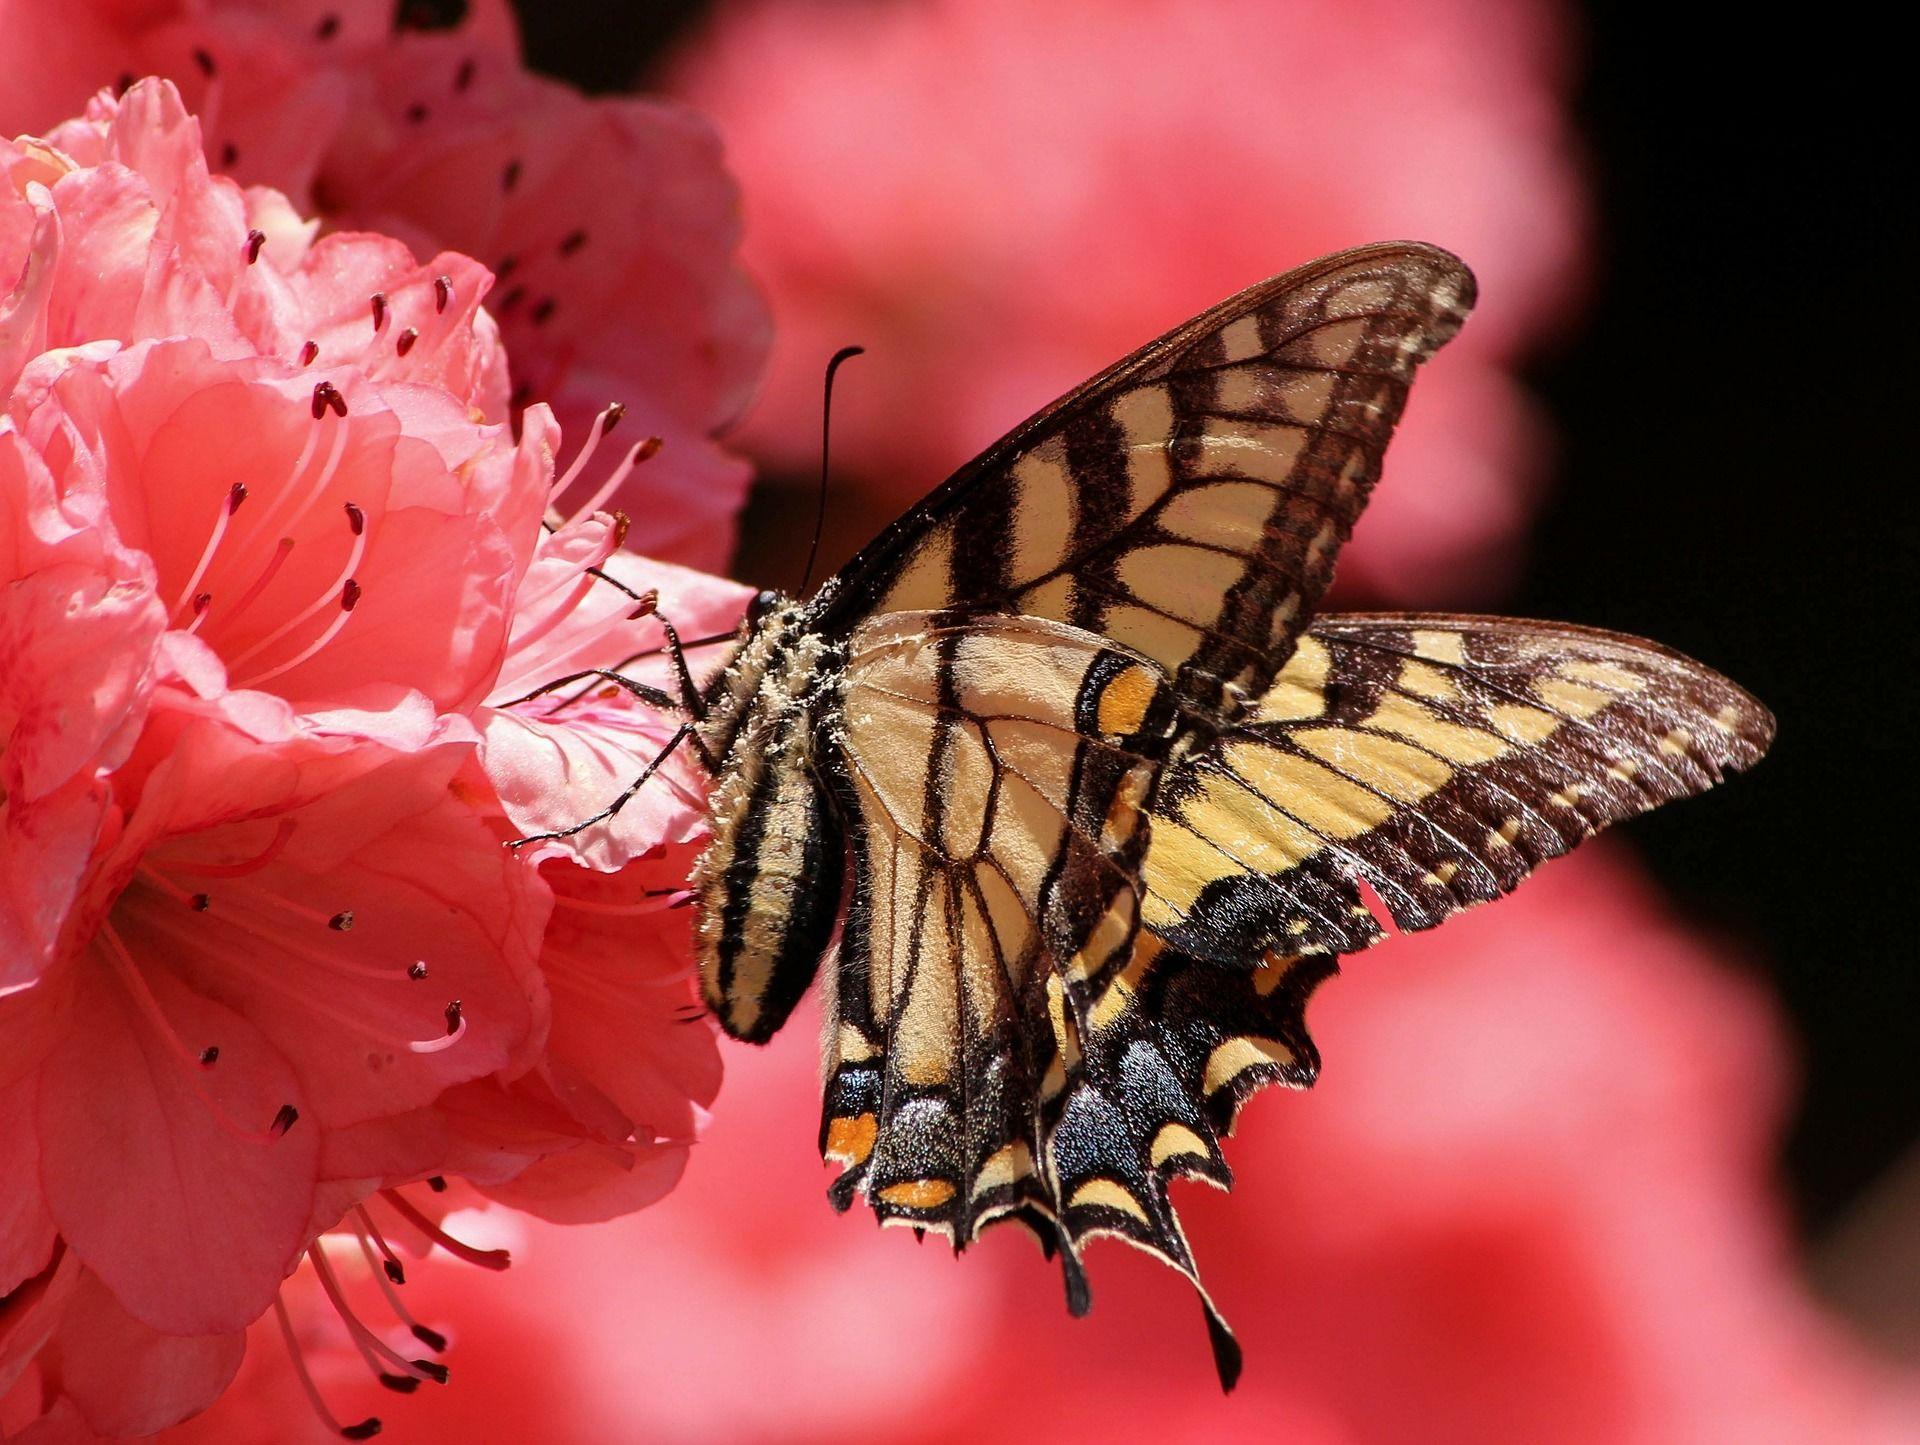 Смотреть фото бабочка онлайн